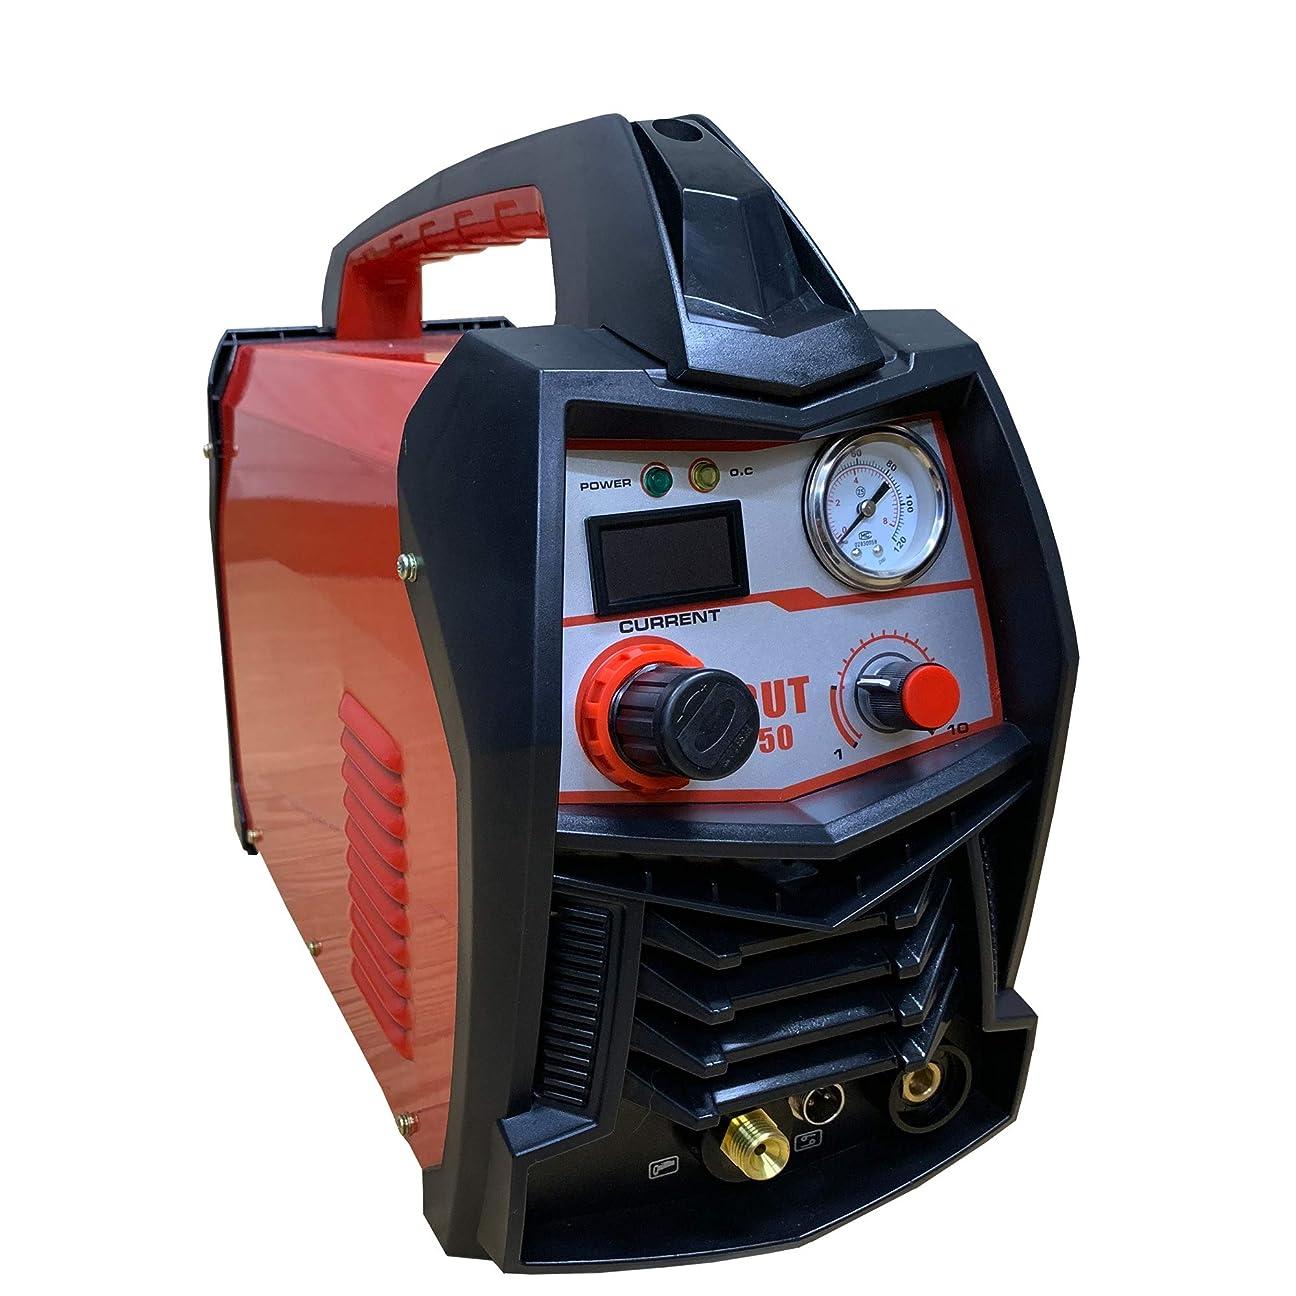 欲しいです年金反逆新型CUT50 100V/200V併用インバーター内蔵 プラズマカッター プラズマ切断機